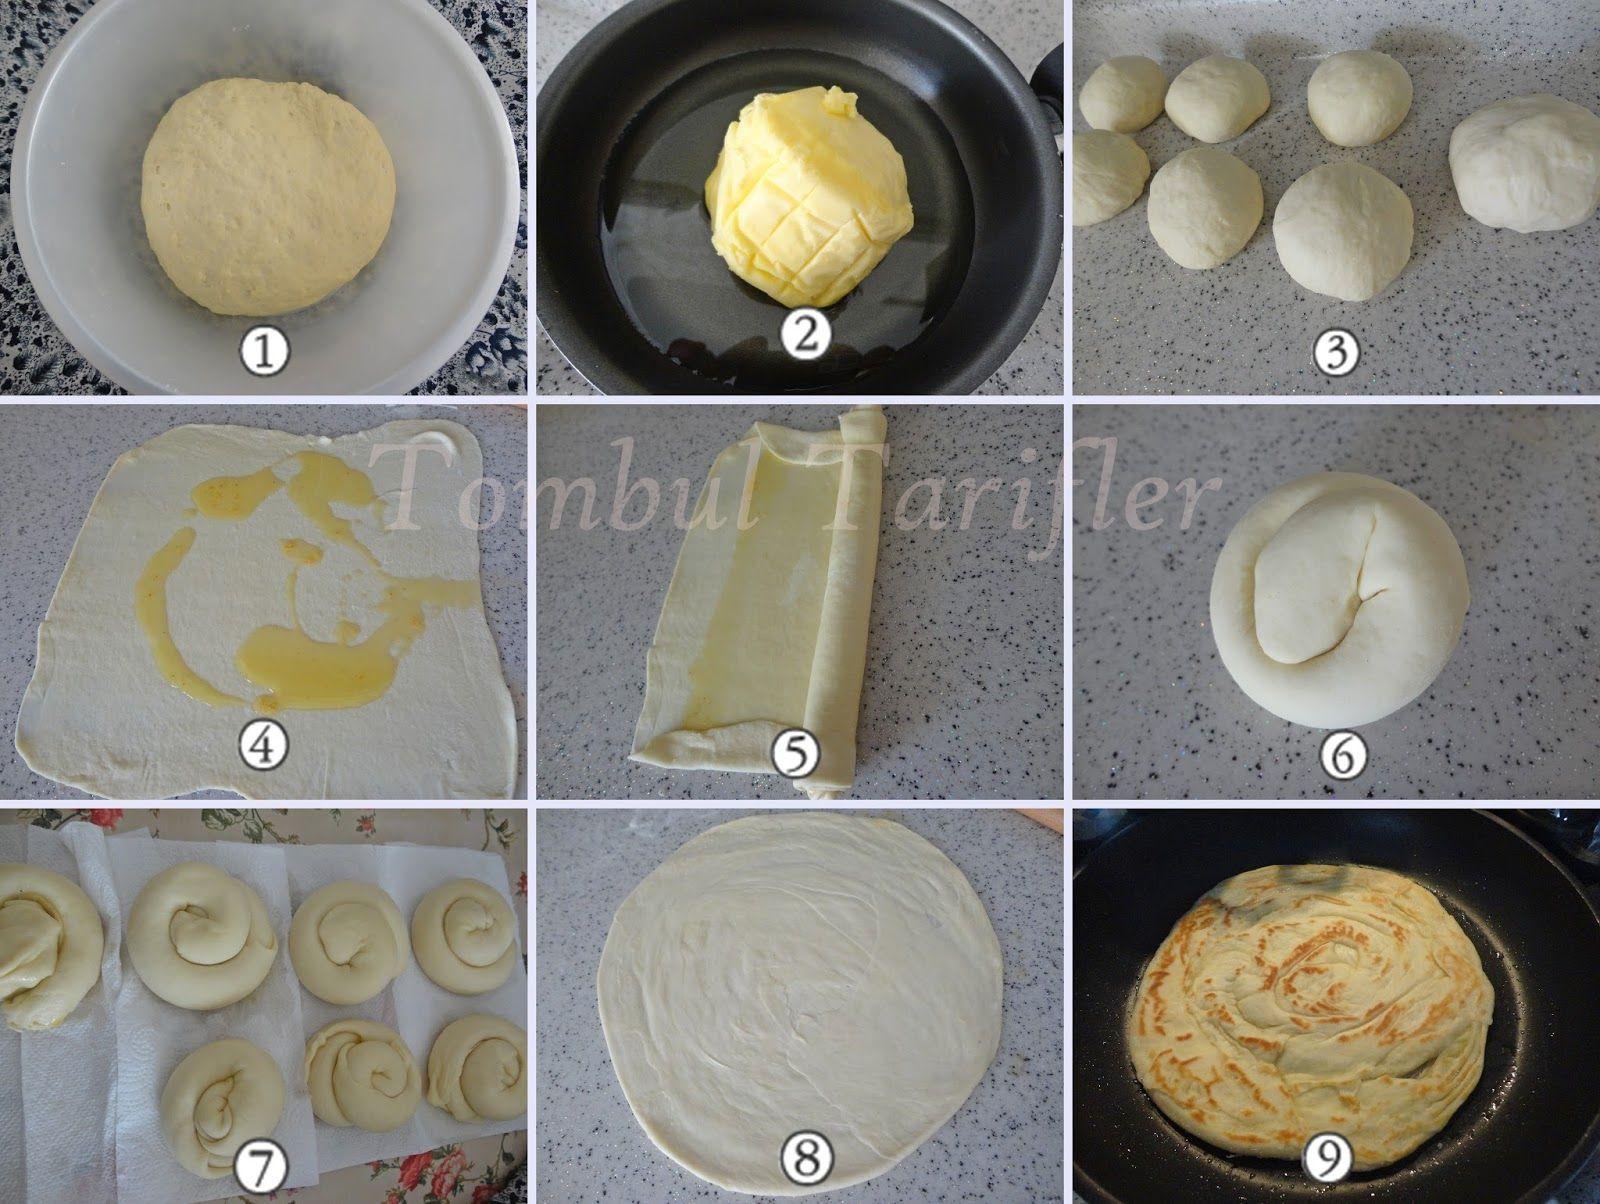 Tombul Tarifler, pratik yemek, yöresel tat, kek, kurabiye, börek, çorba, hamurişi ve diğerleri...: Tereyağlı Katmer